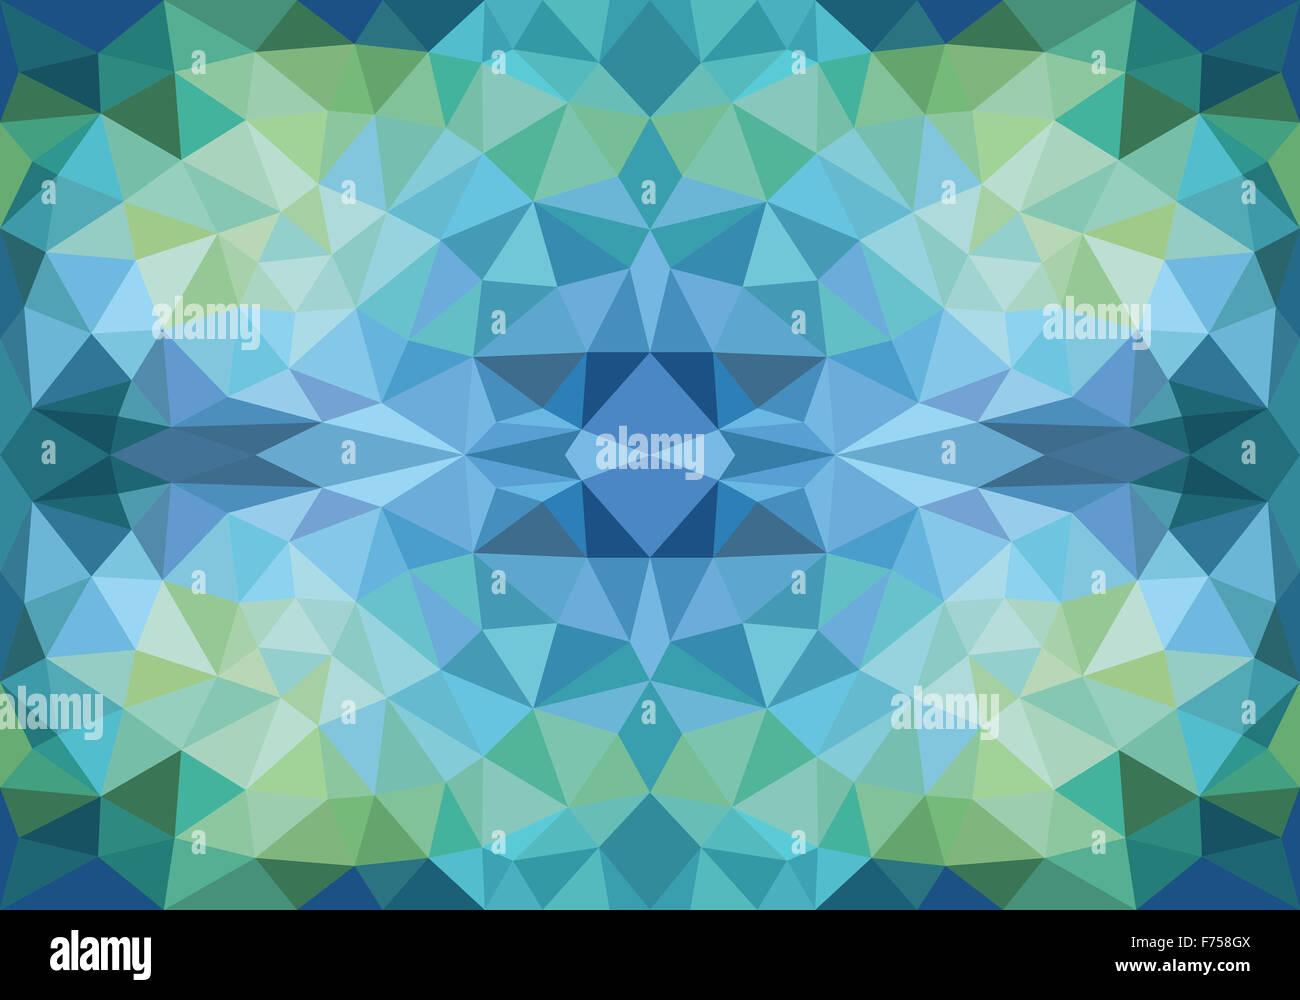 Géométrique abstrait polygone bleu et vert, motif de fond vectoriel continu Photo Stock